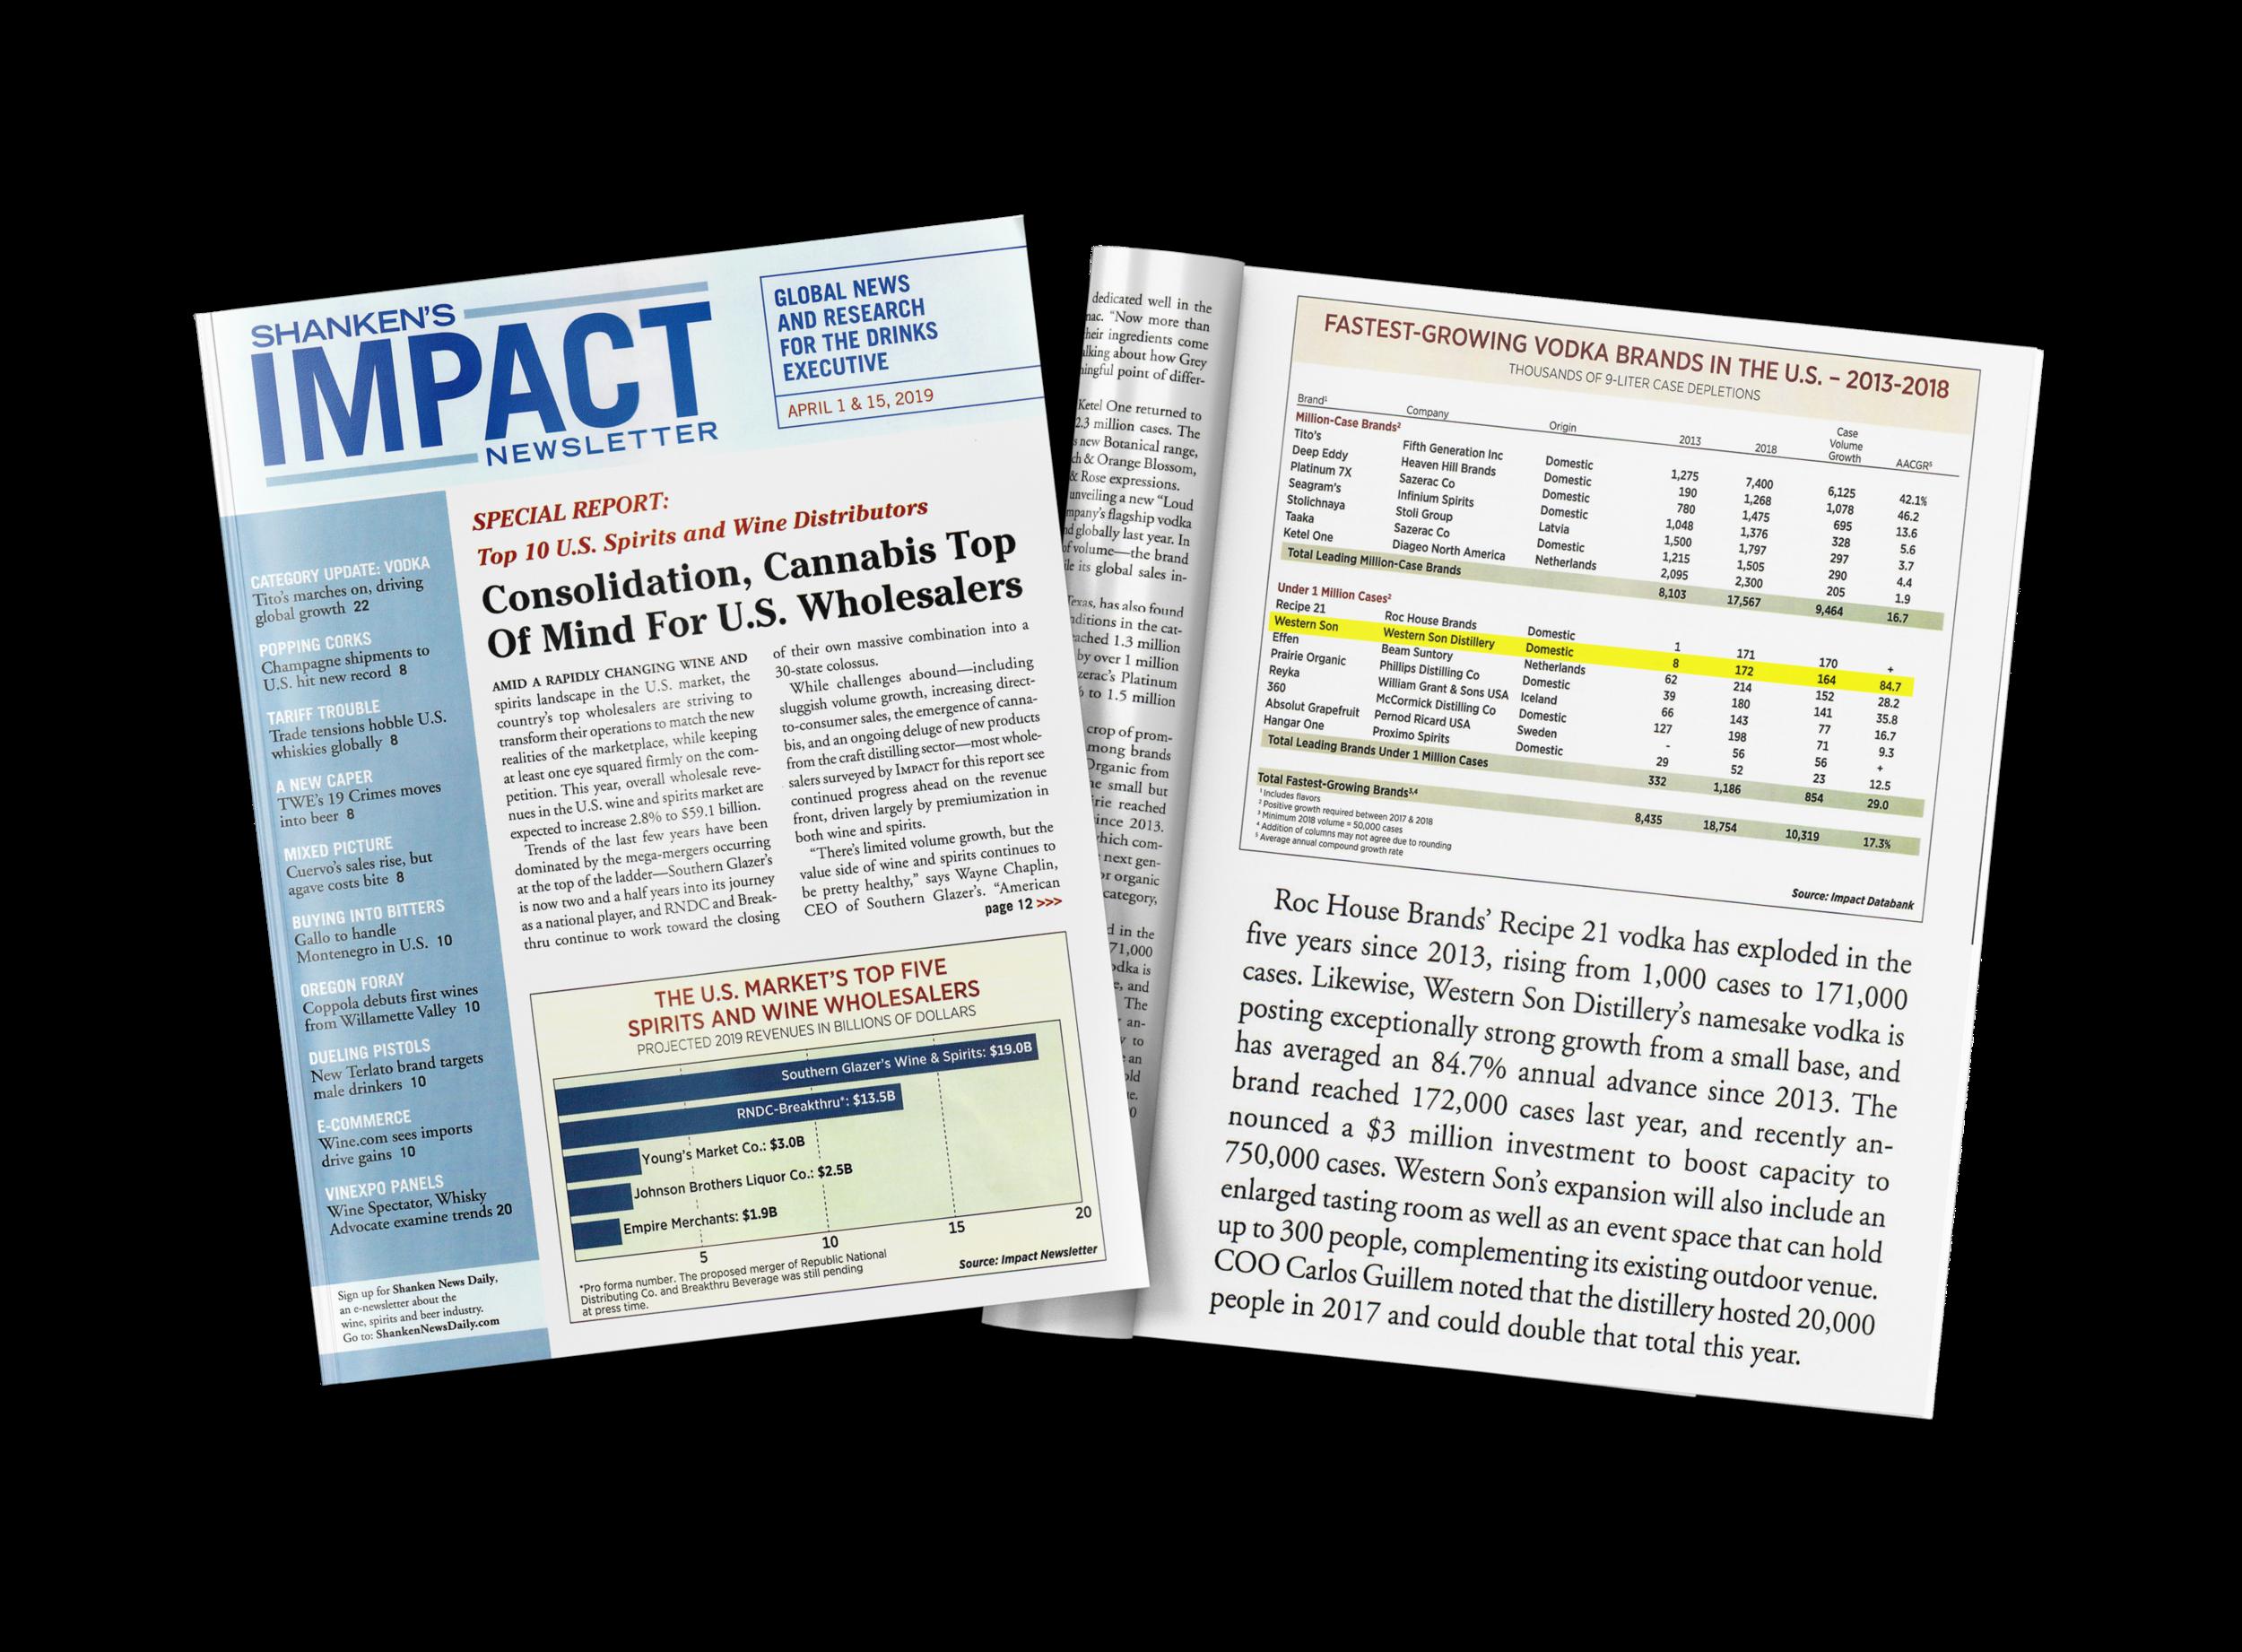 Shaken's Impact Newsletter